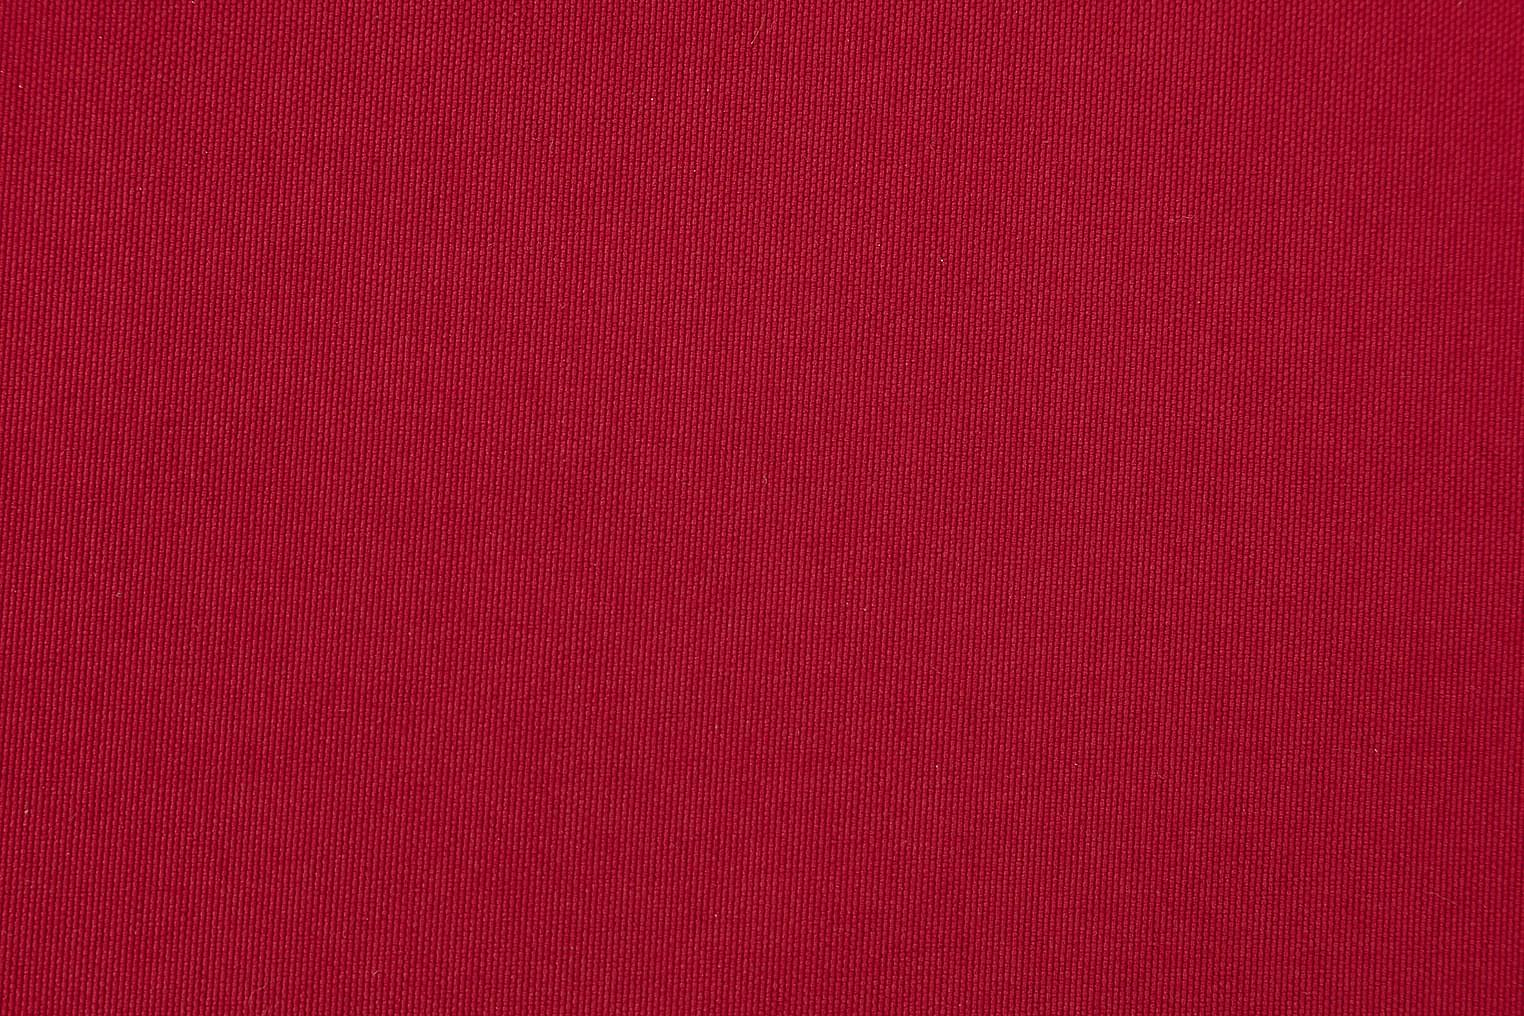 CAMERON Tyynynpäällinen Keskimoduuli Punainen